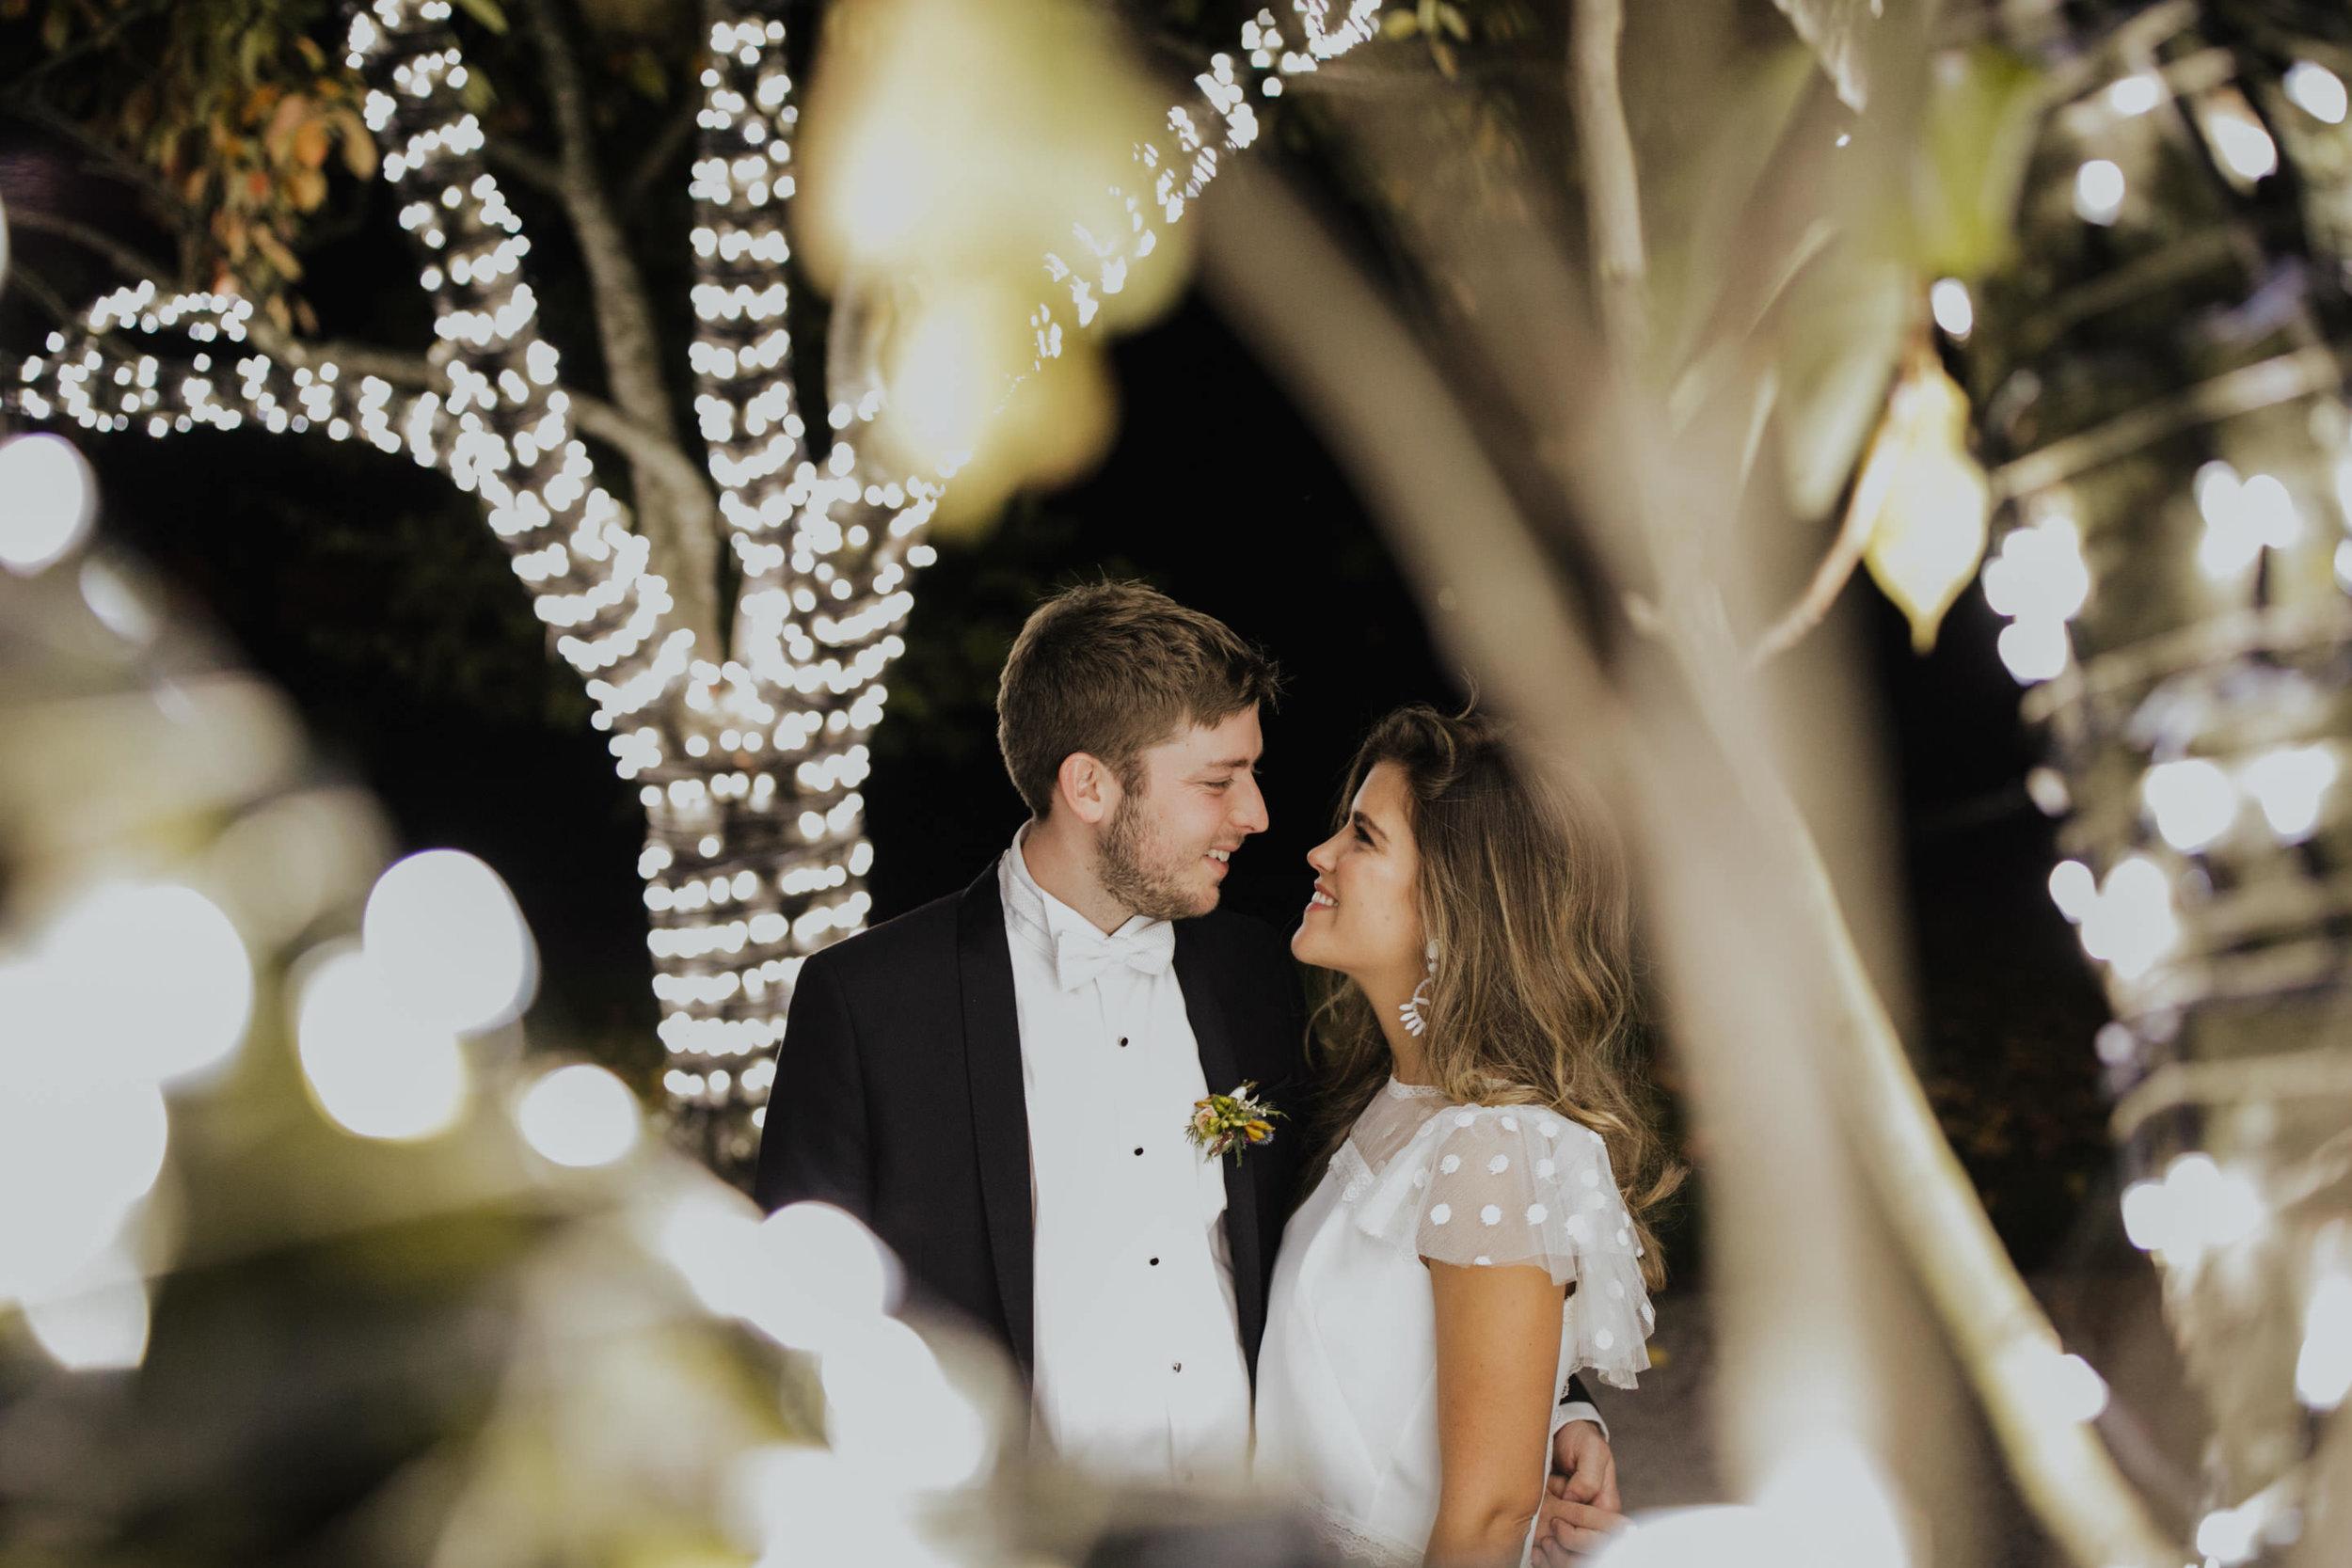 a&s_ballymagarvey_village_wedding_photographer_livia_figueiredo_6